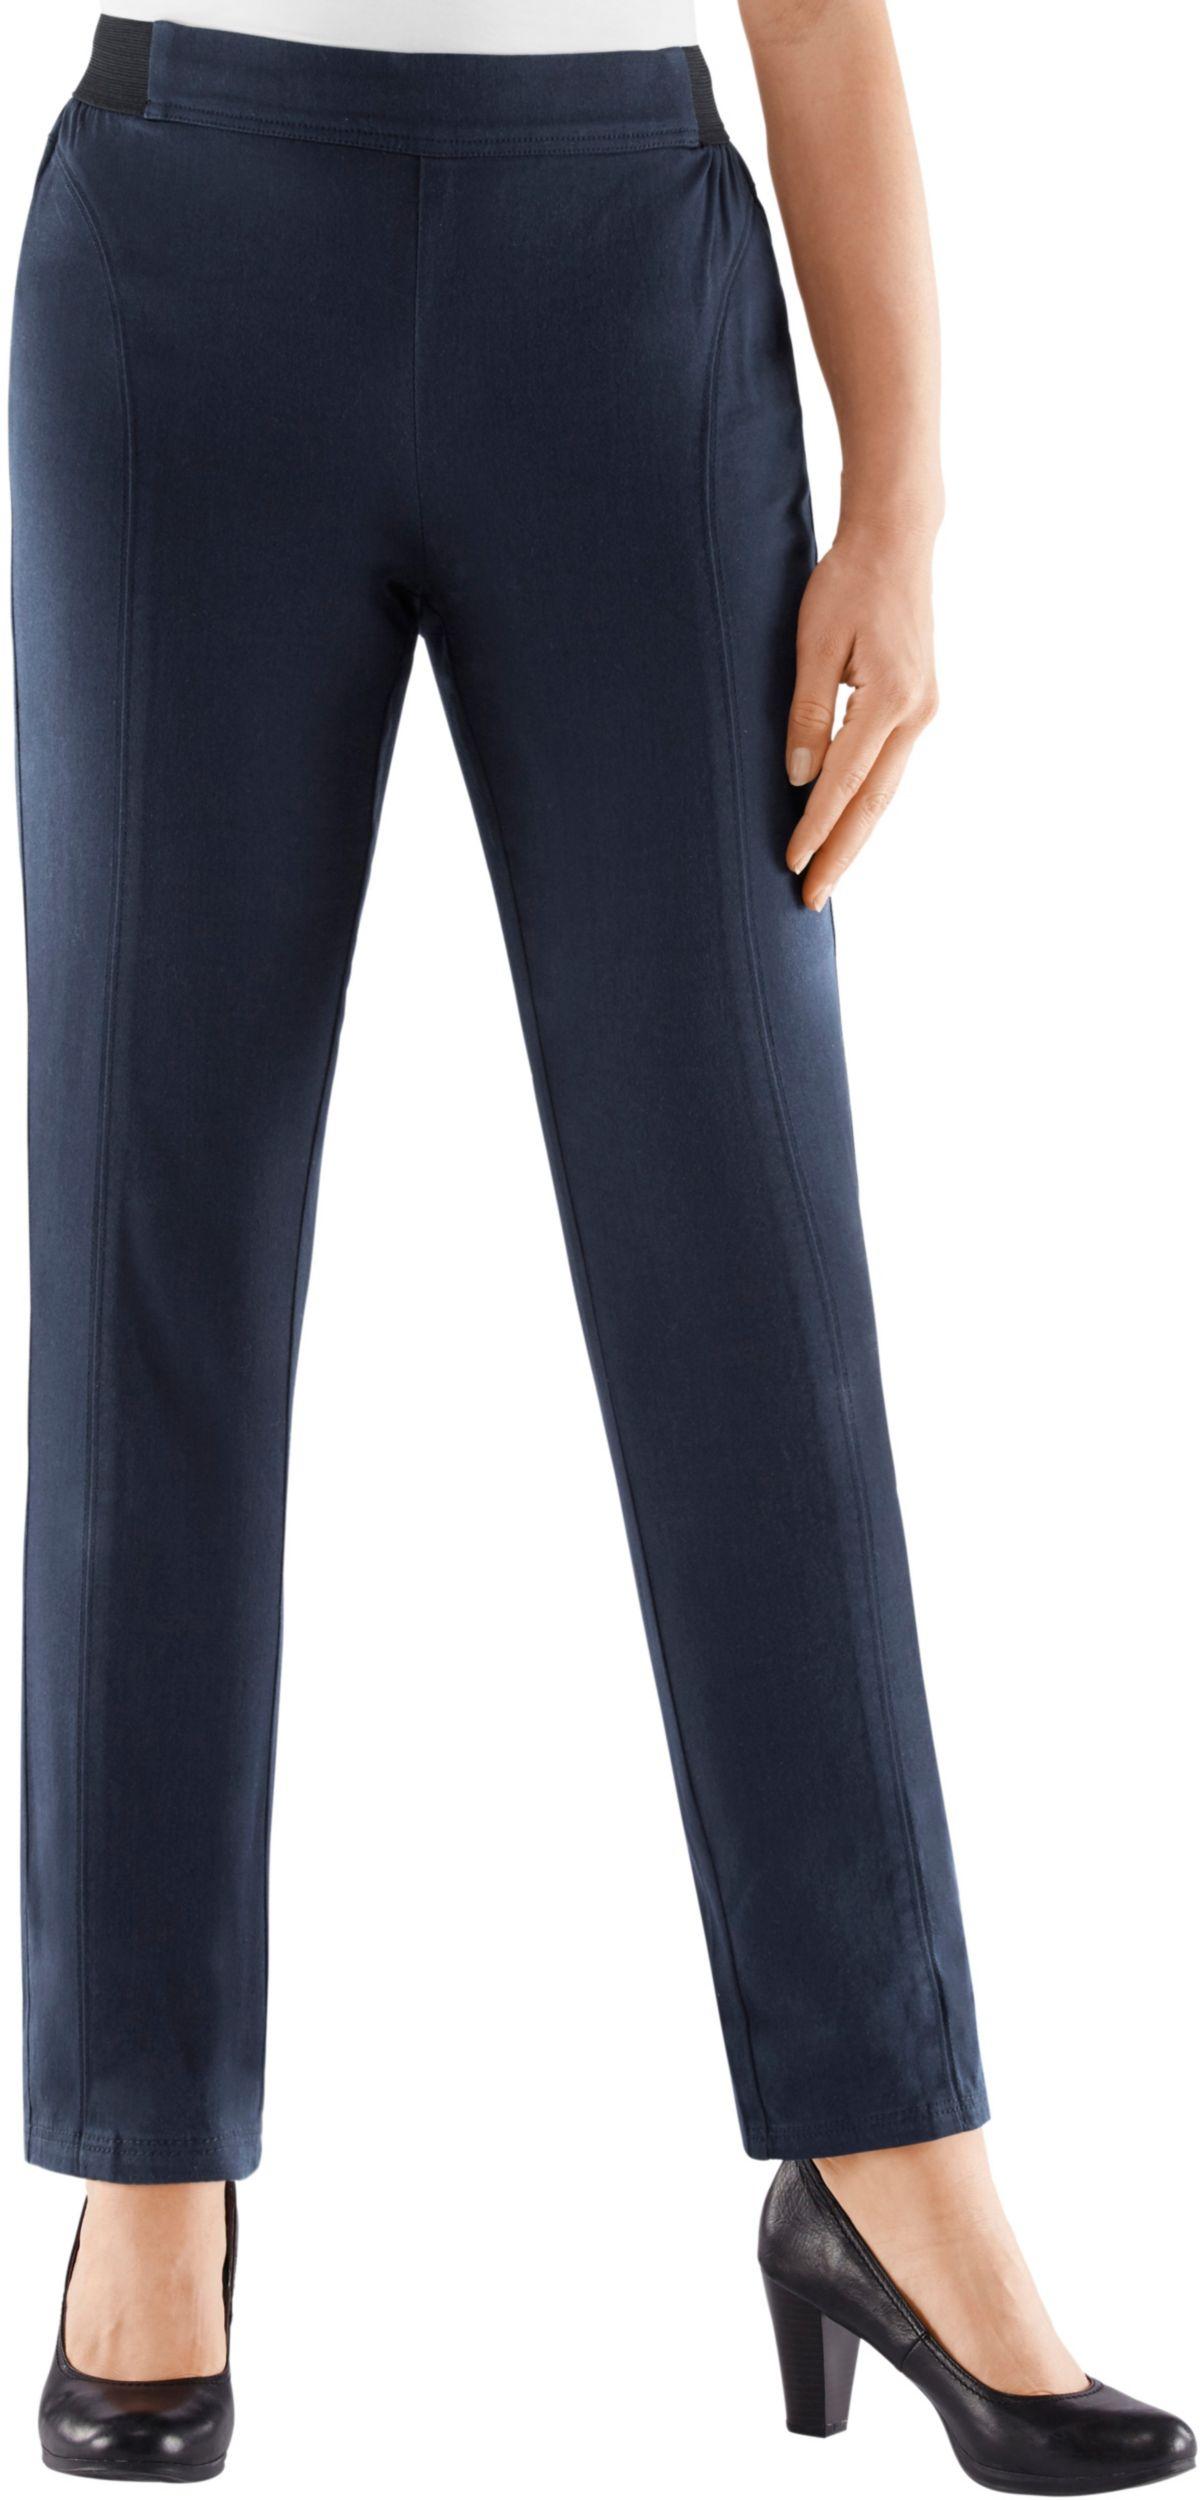 Classic Basics Hose mit elastischem Dehnbund